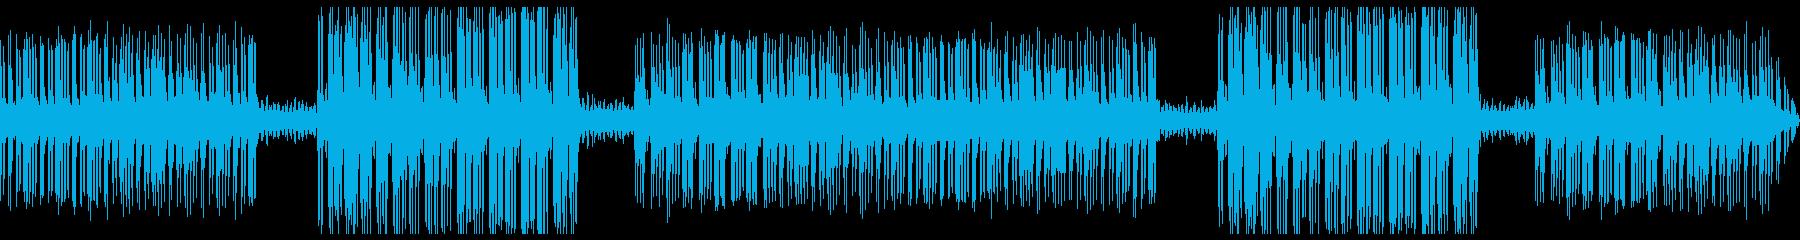 【主張しない背景音楽】近未来の再生済みの波形